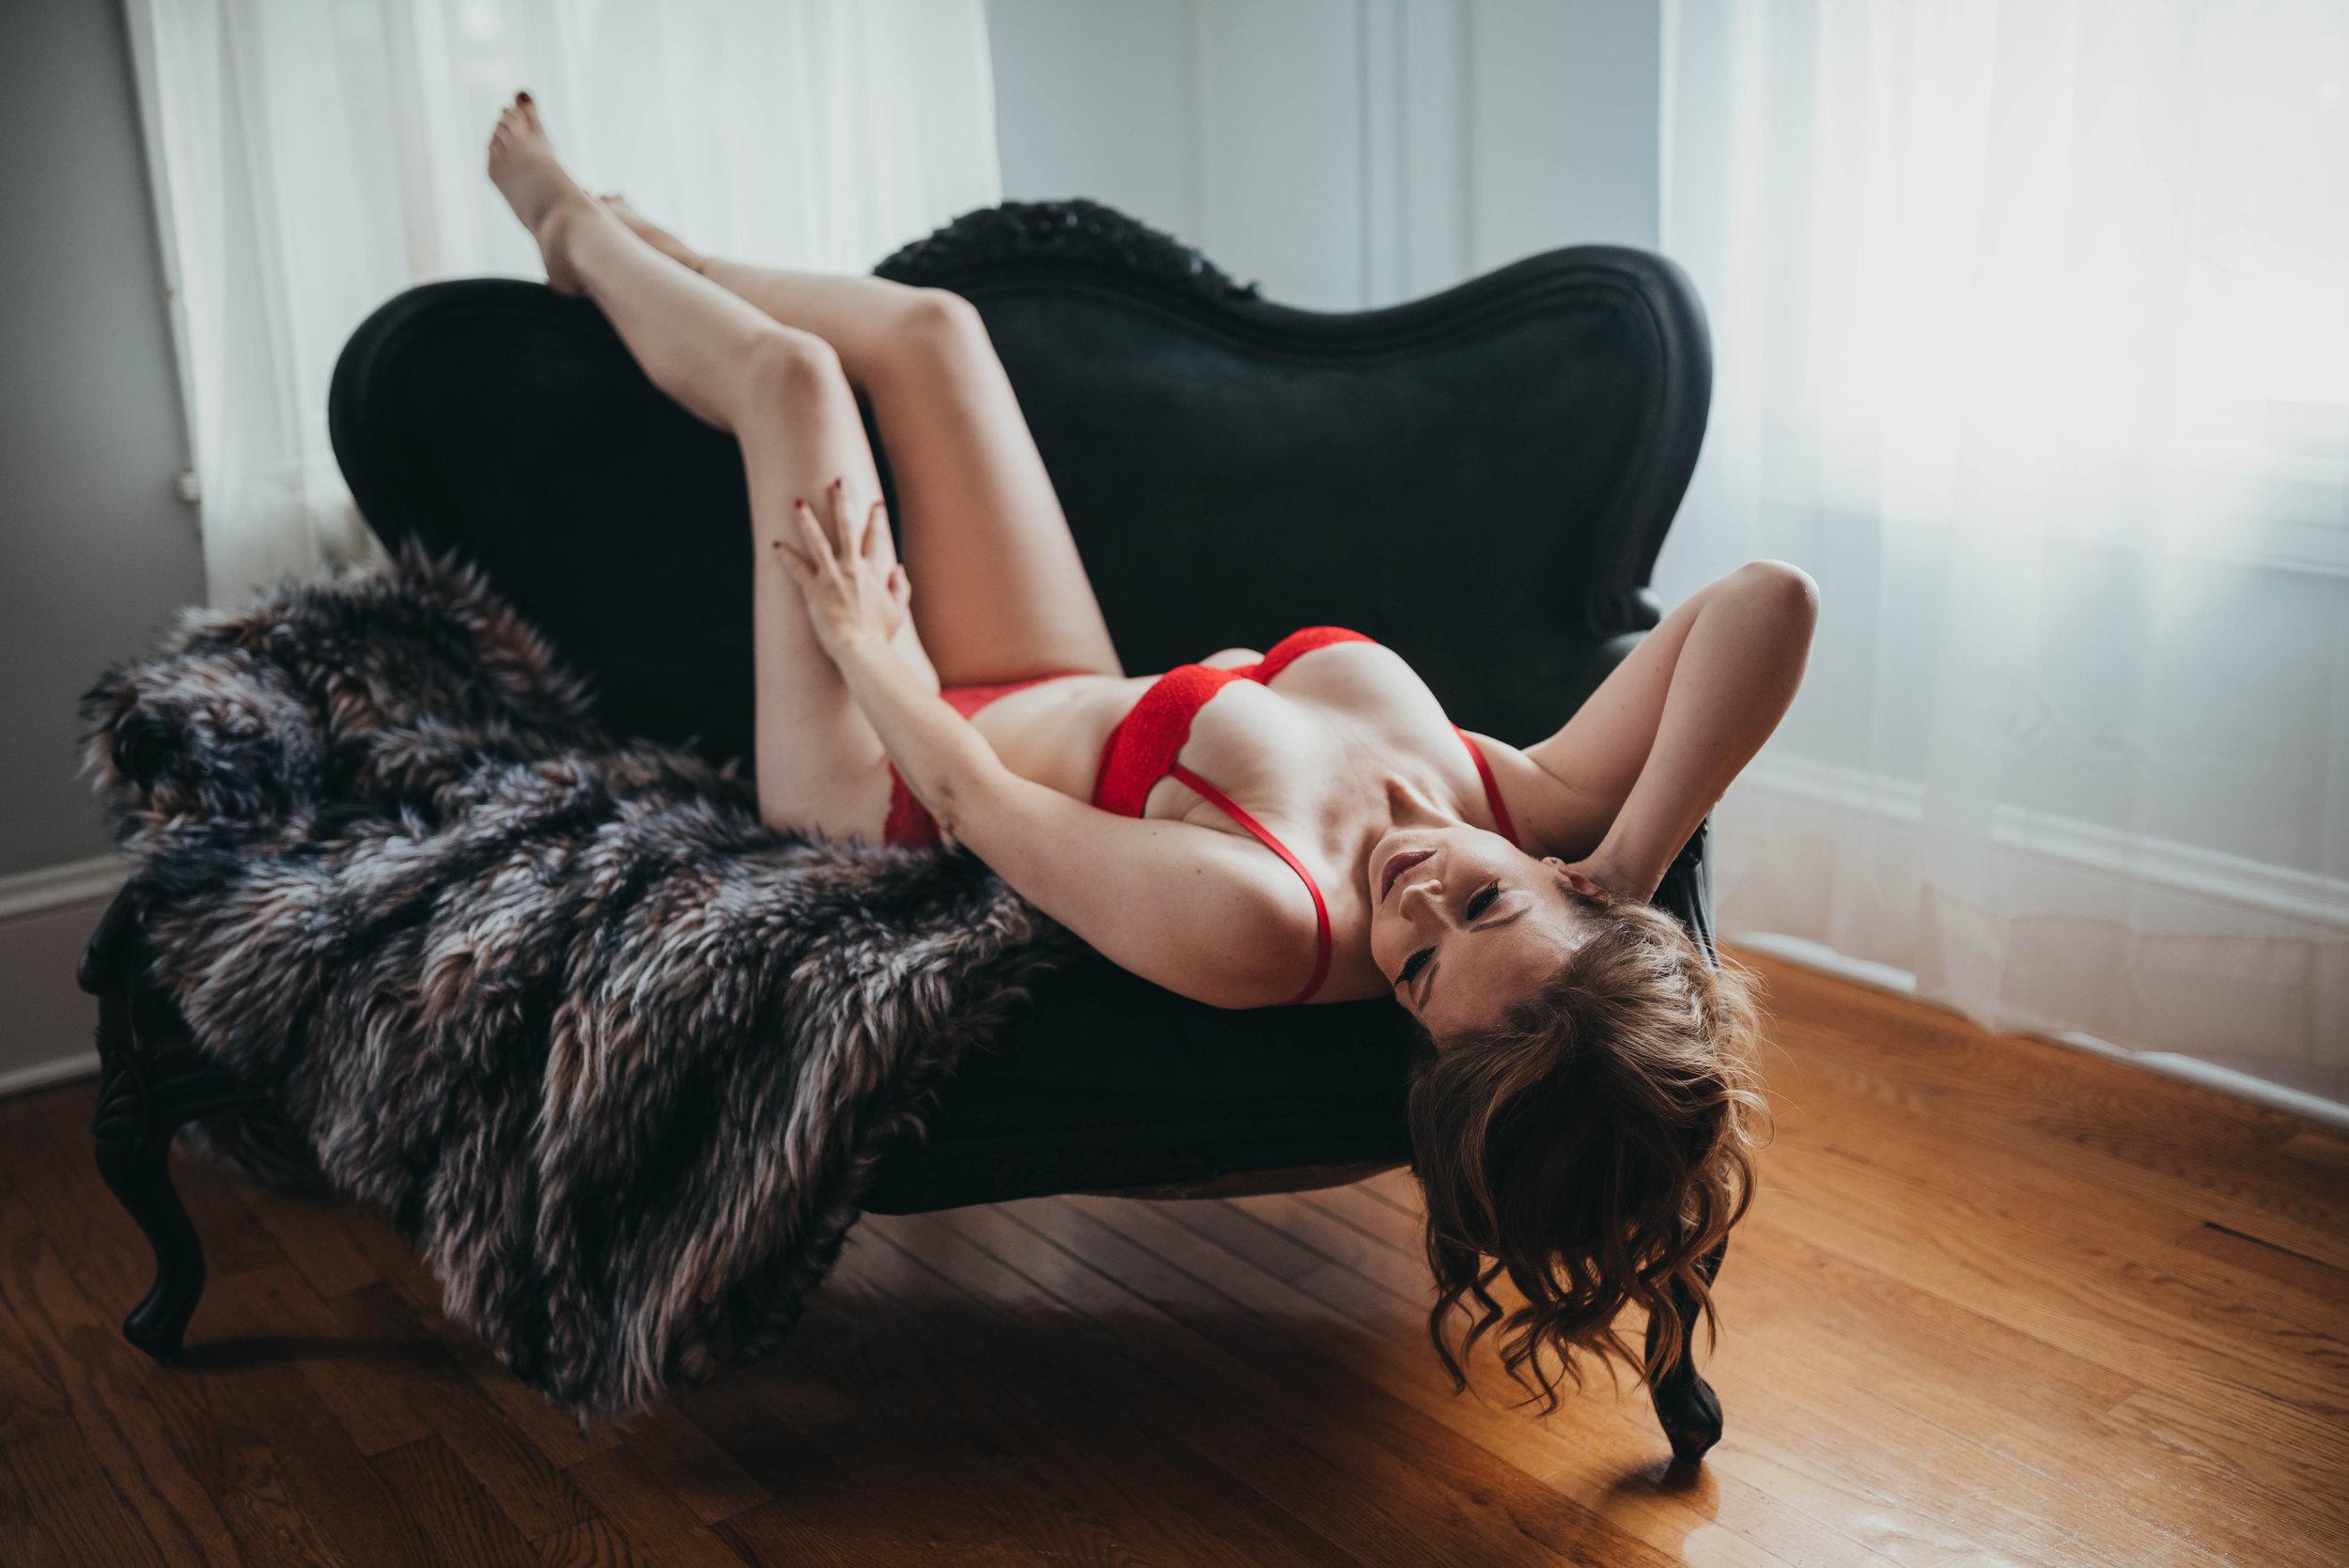 lehigh valley boudoir photographer | Lehigh valley boudoir photos | boudoir photographer | reading boudoir photographer | Philadelphia boudoir photographer | Pennsylvania boudoir photographer | Lehigh Valley photographer